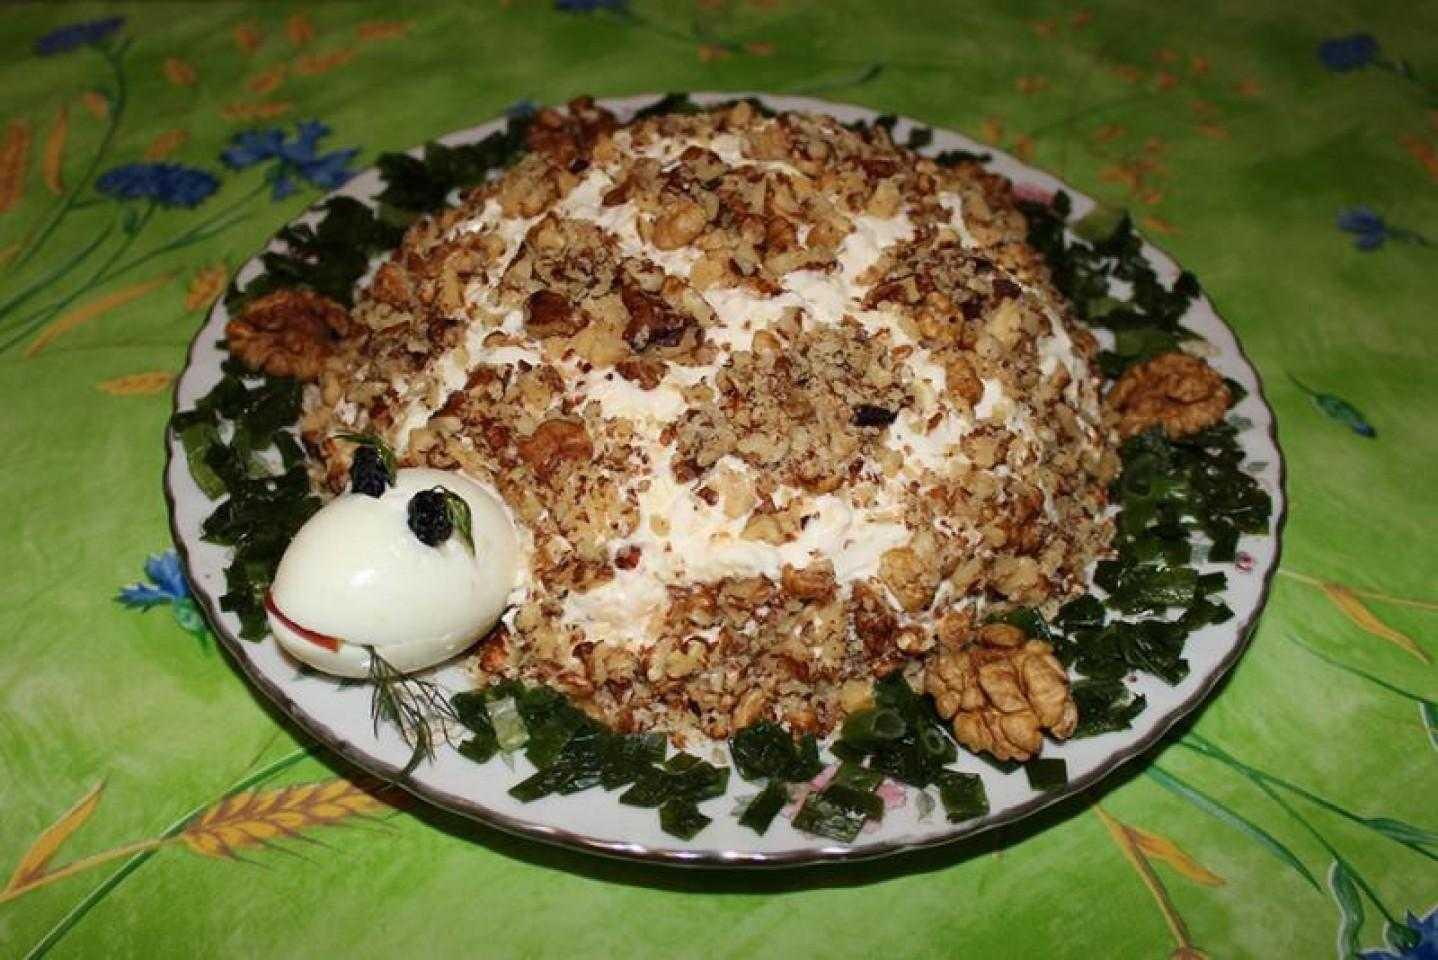 Салат «черепаха» - рецепты с орехами, виноградом, киви и черносливом